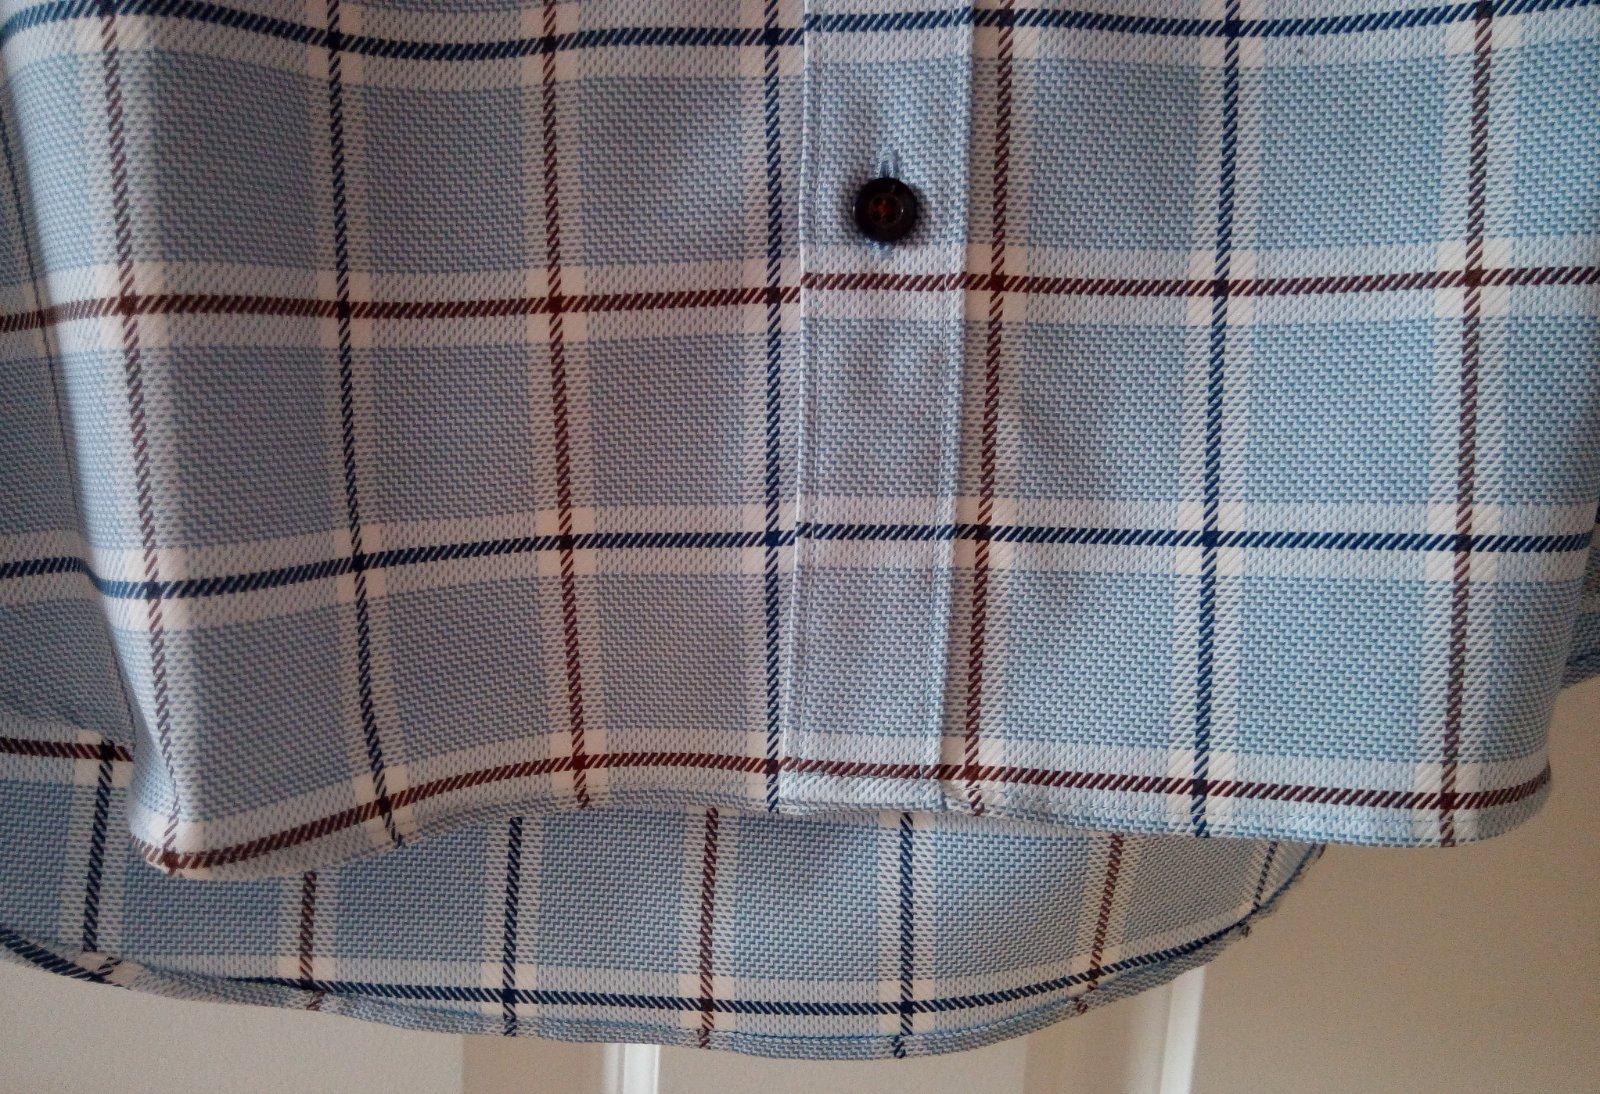 Pánska modrá károvaná košeľa 39 - Obrázok č. 3